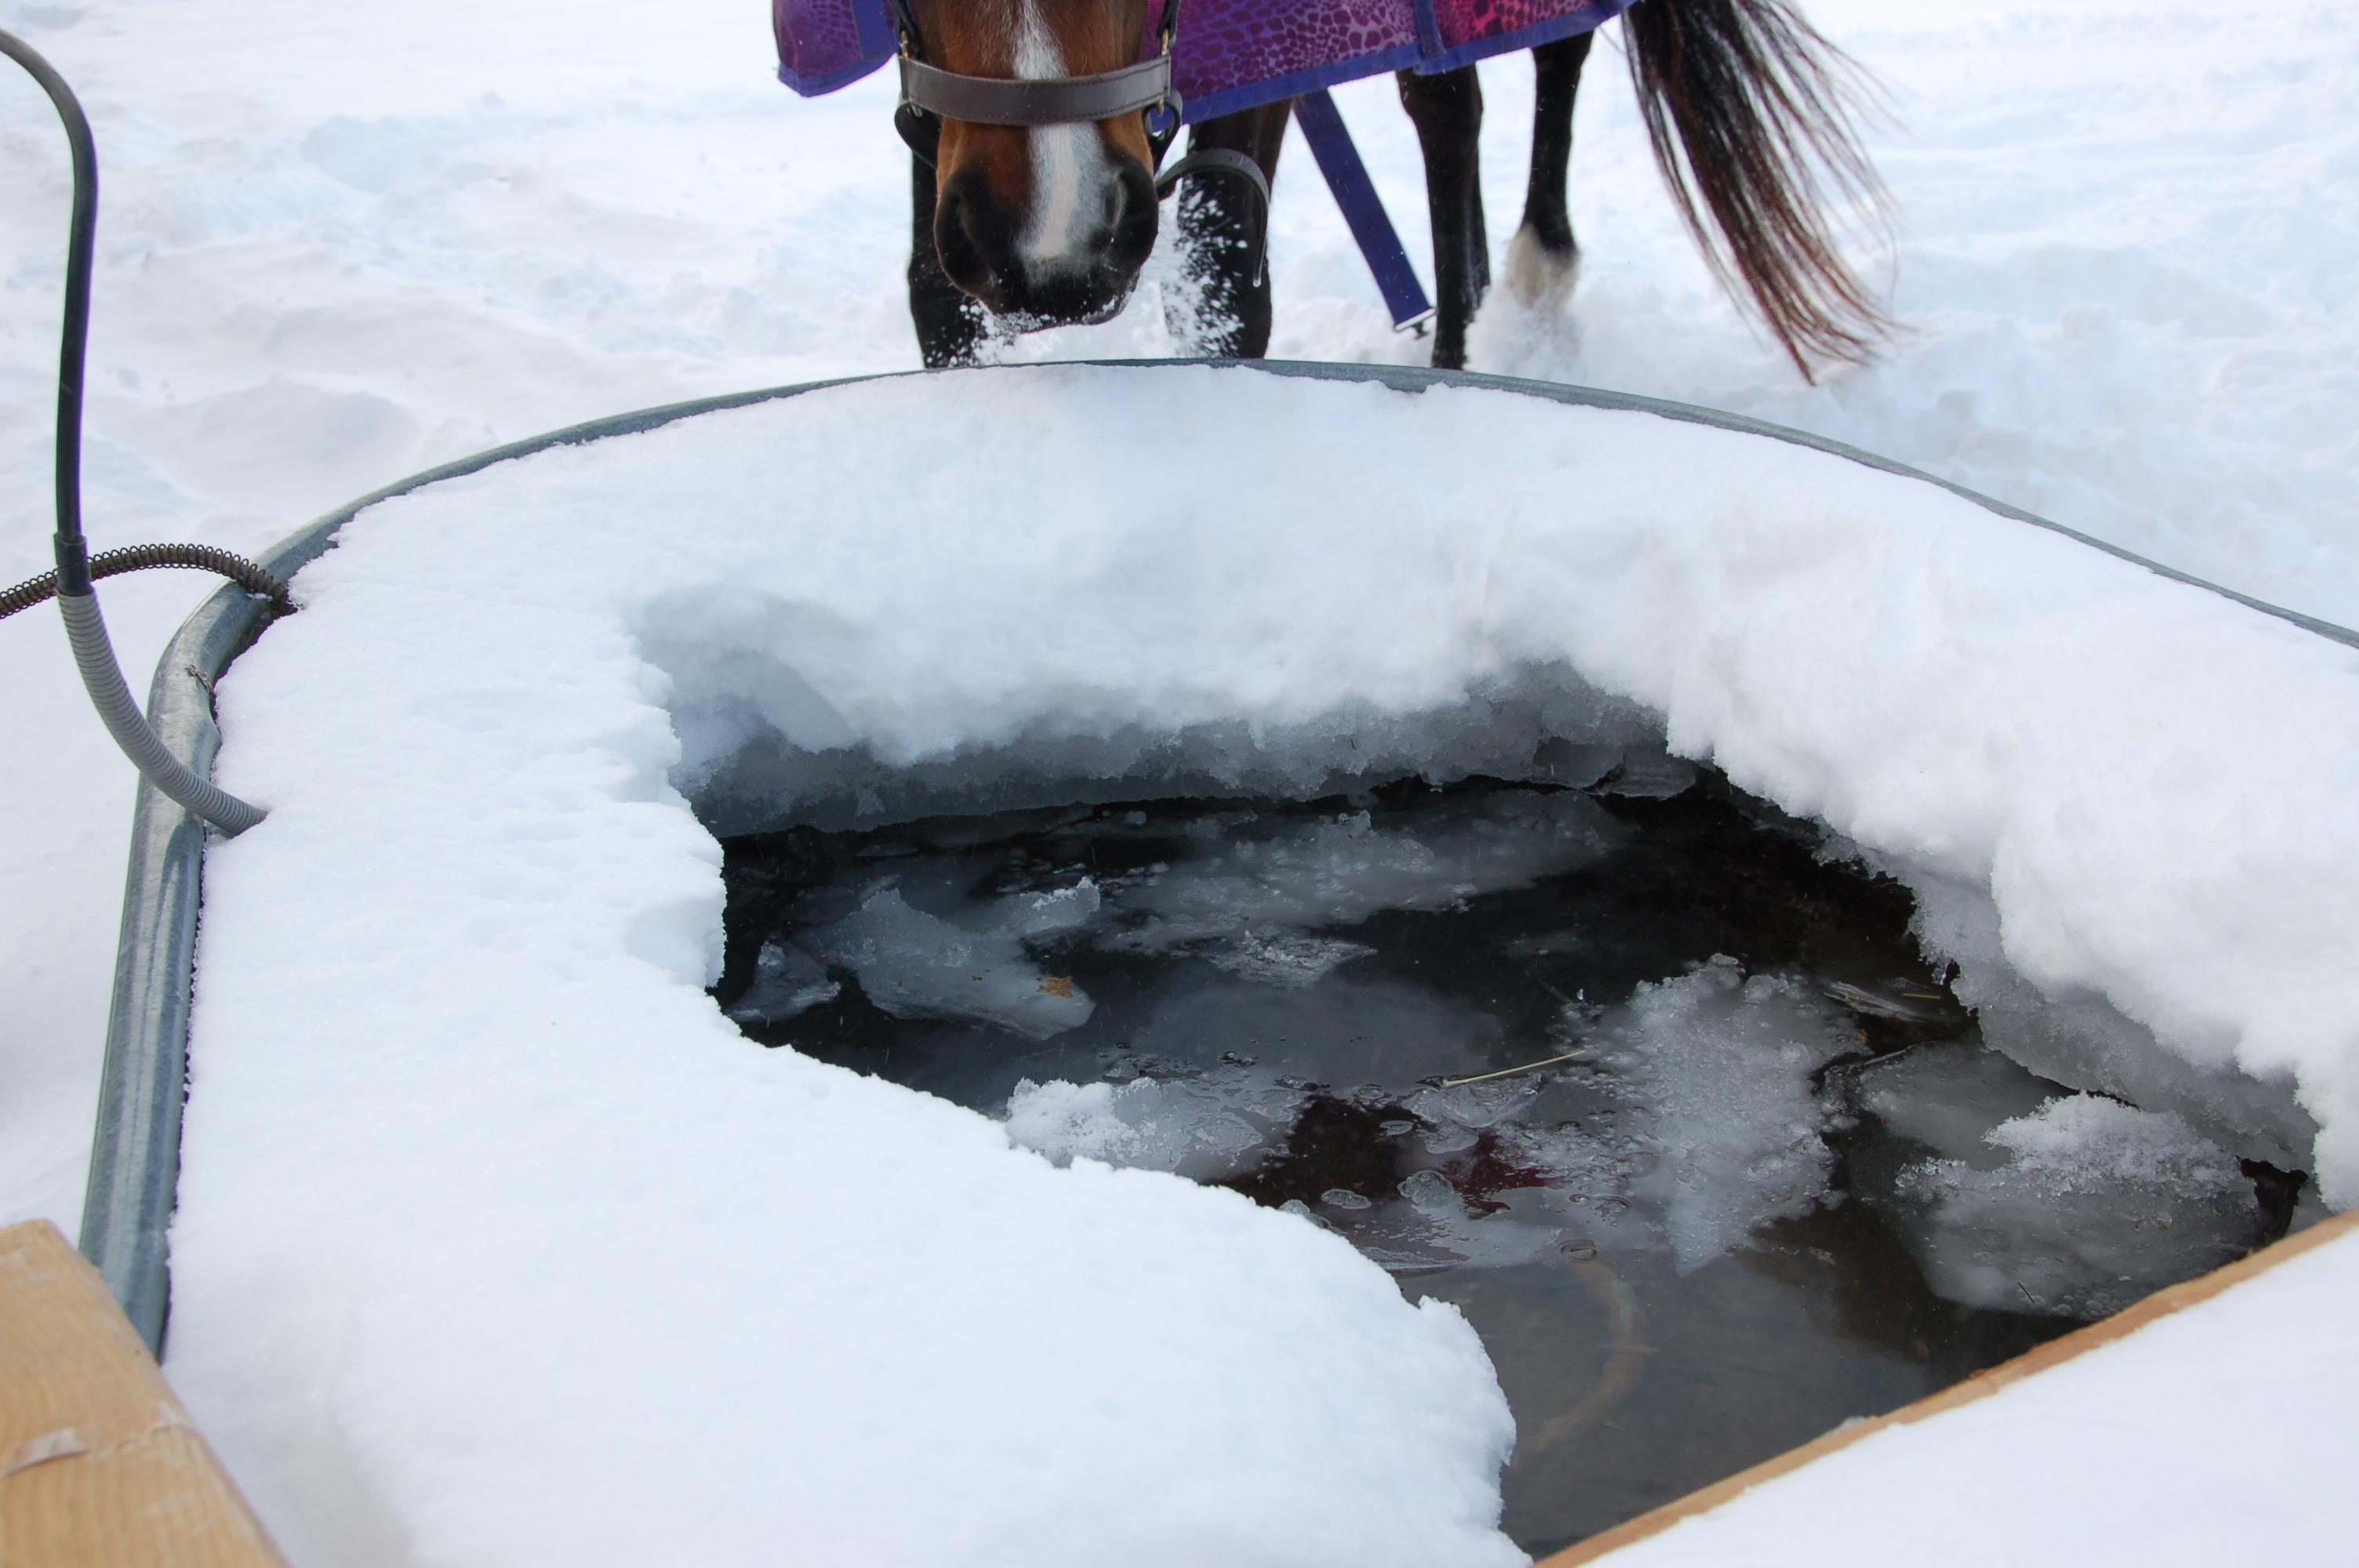 Frozen trough